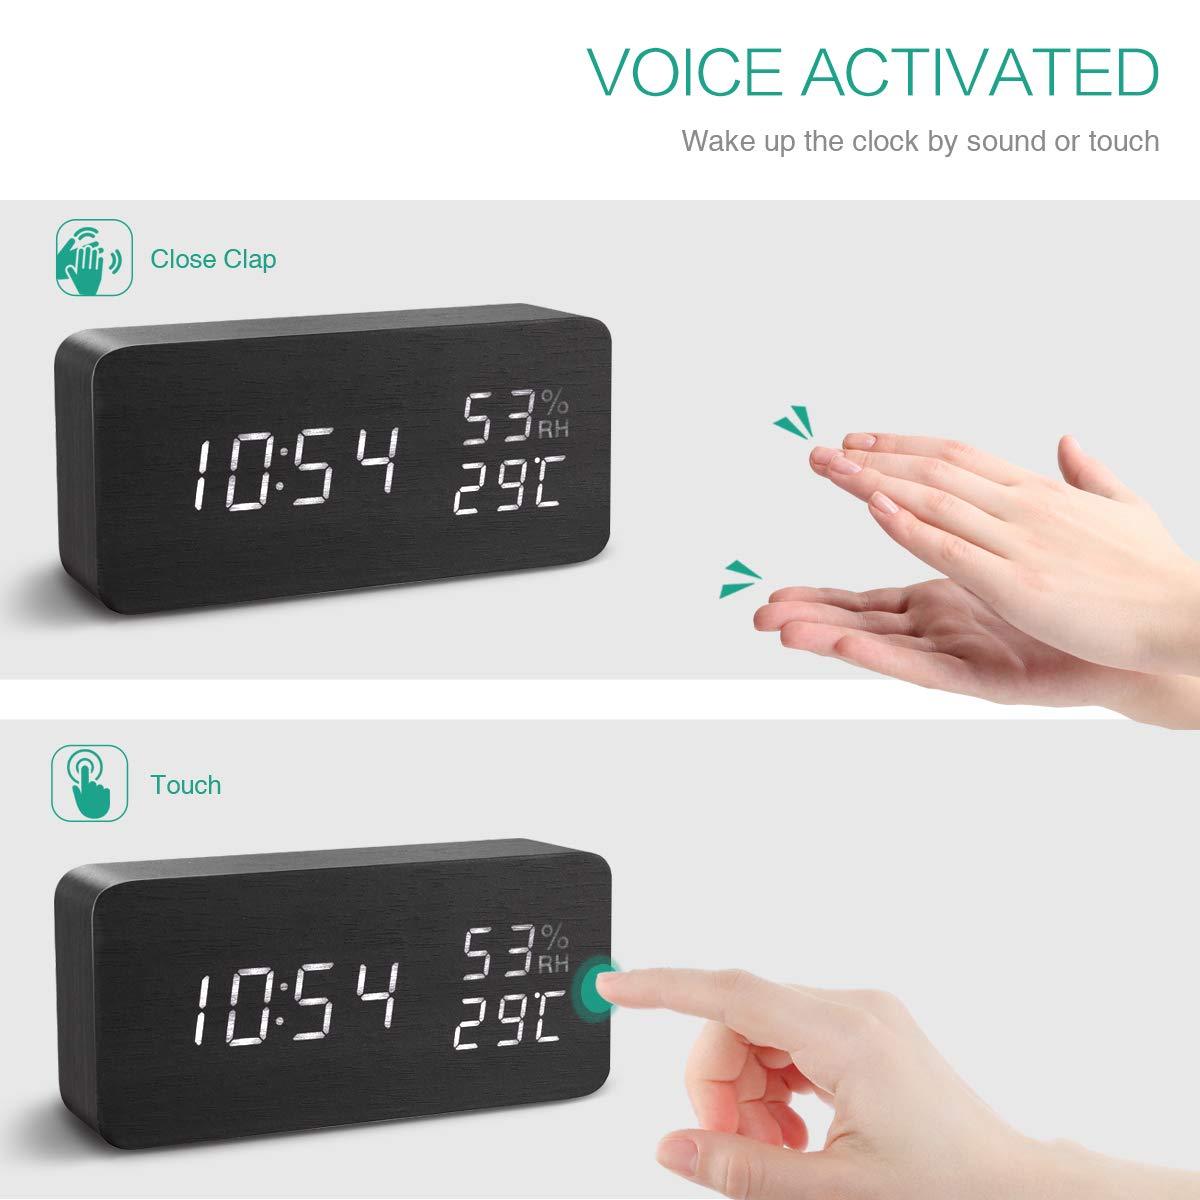 ORIA Reloj Digital Despertador de Madera, Digital Alarma Despertador con Tiempo Fecha y Año, Temperatura Humedad, 3 Grupos de Hora de Alarma, ...